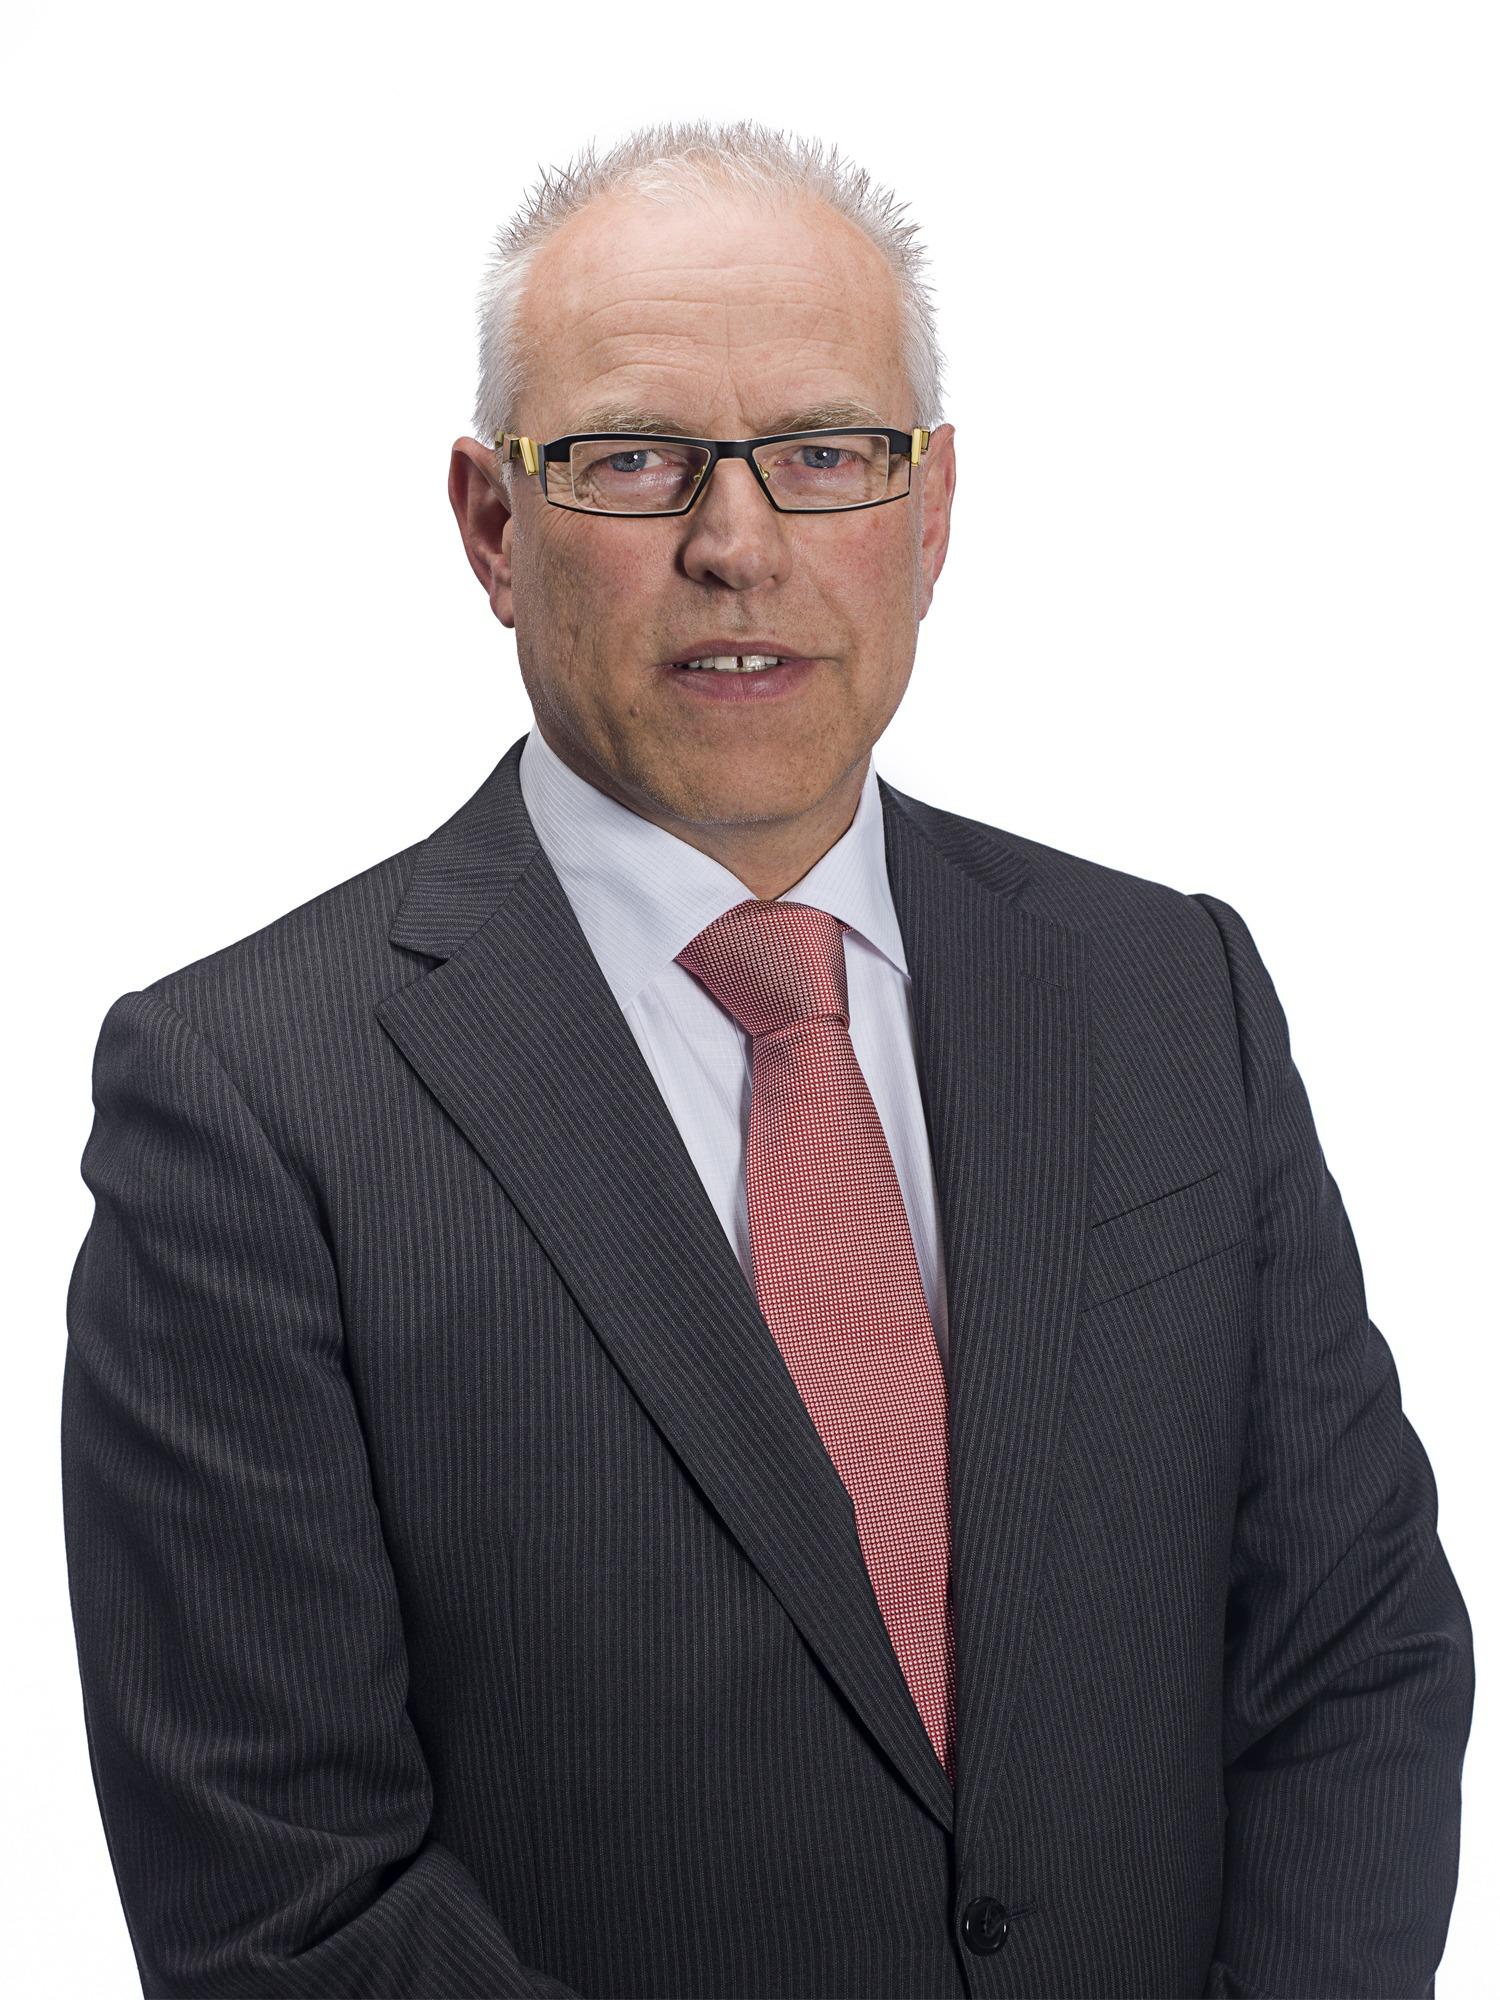 Klaas Koops